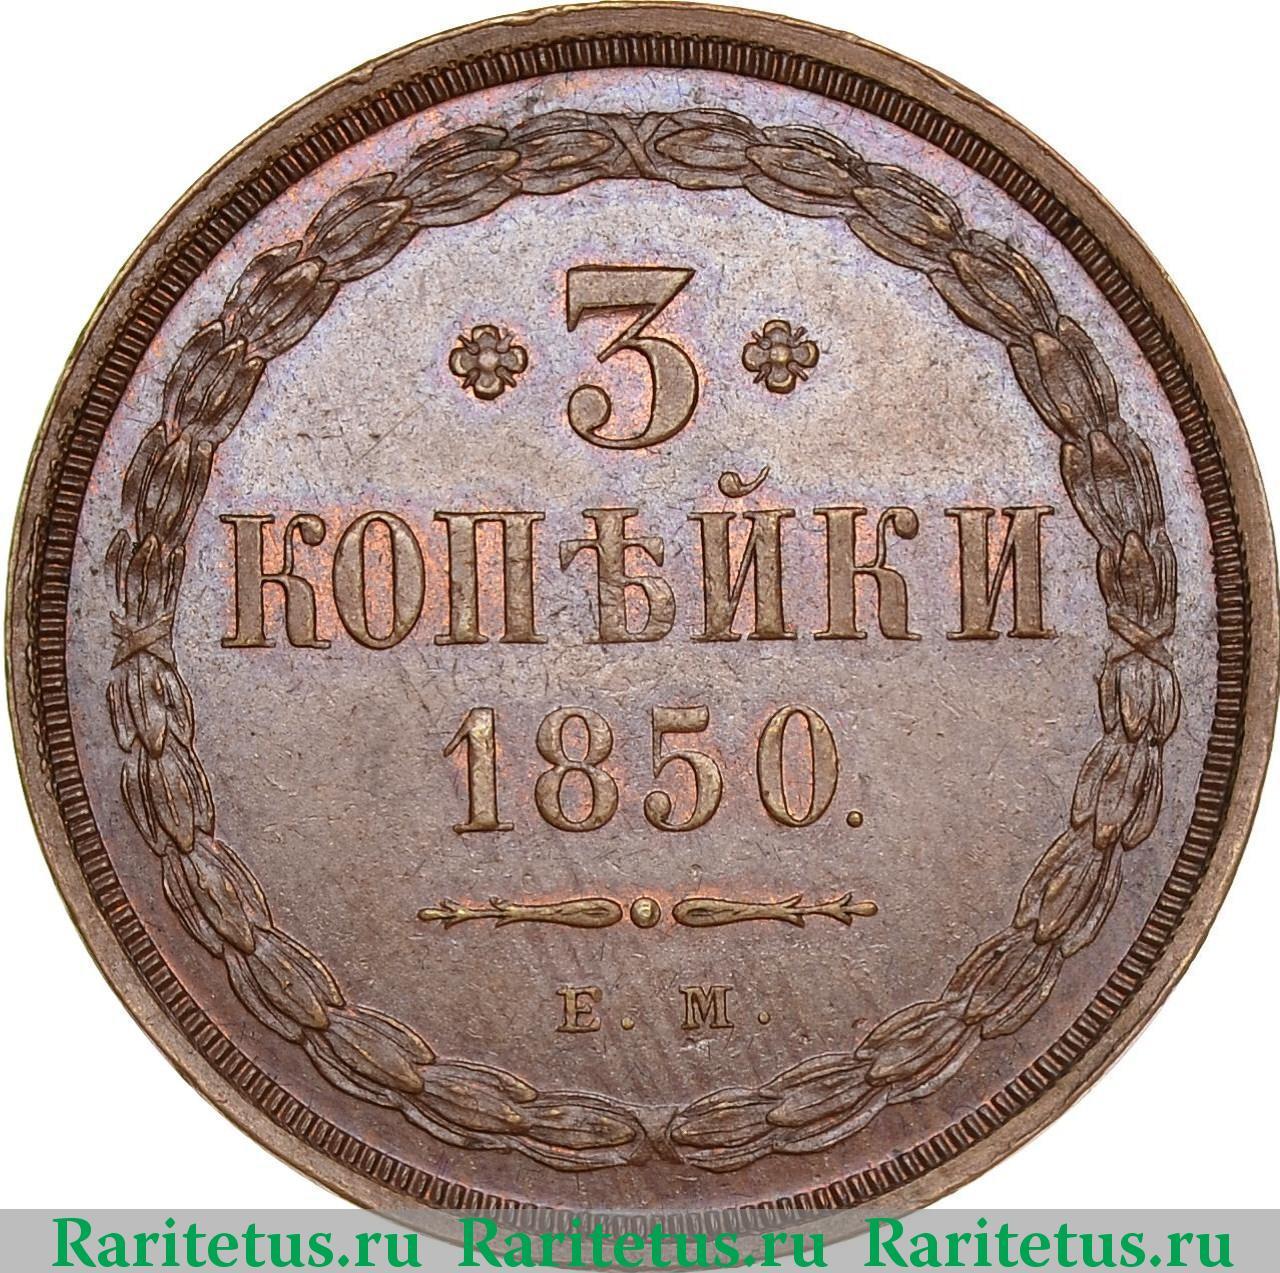 Копейка 1850 года цена монеты николая первого